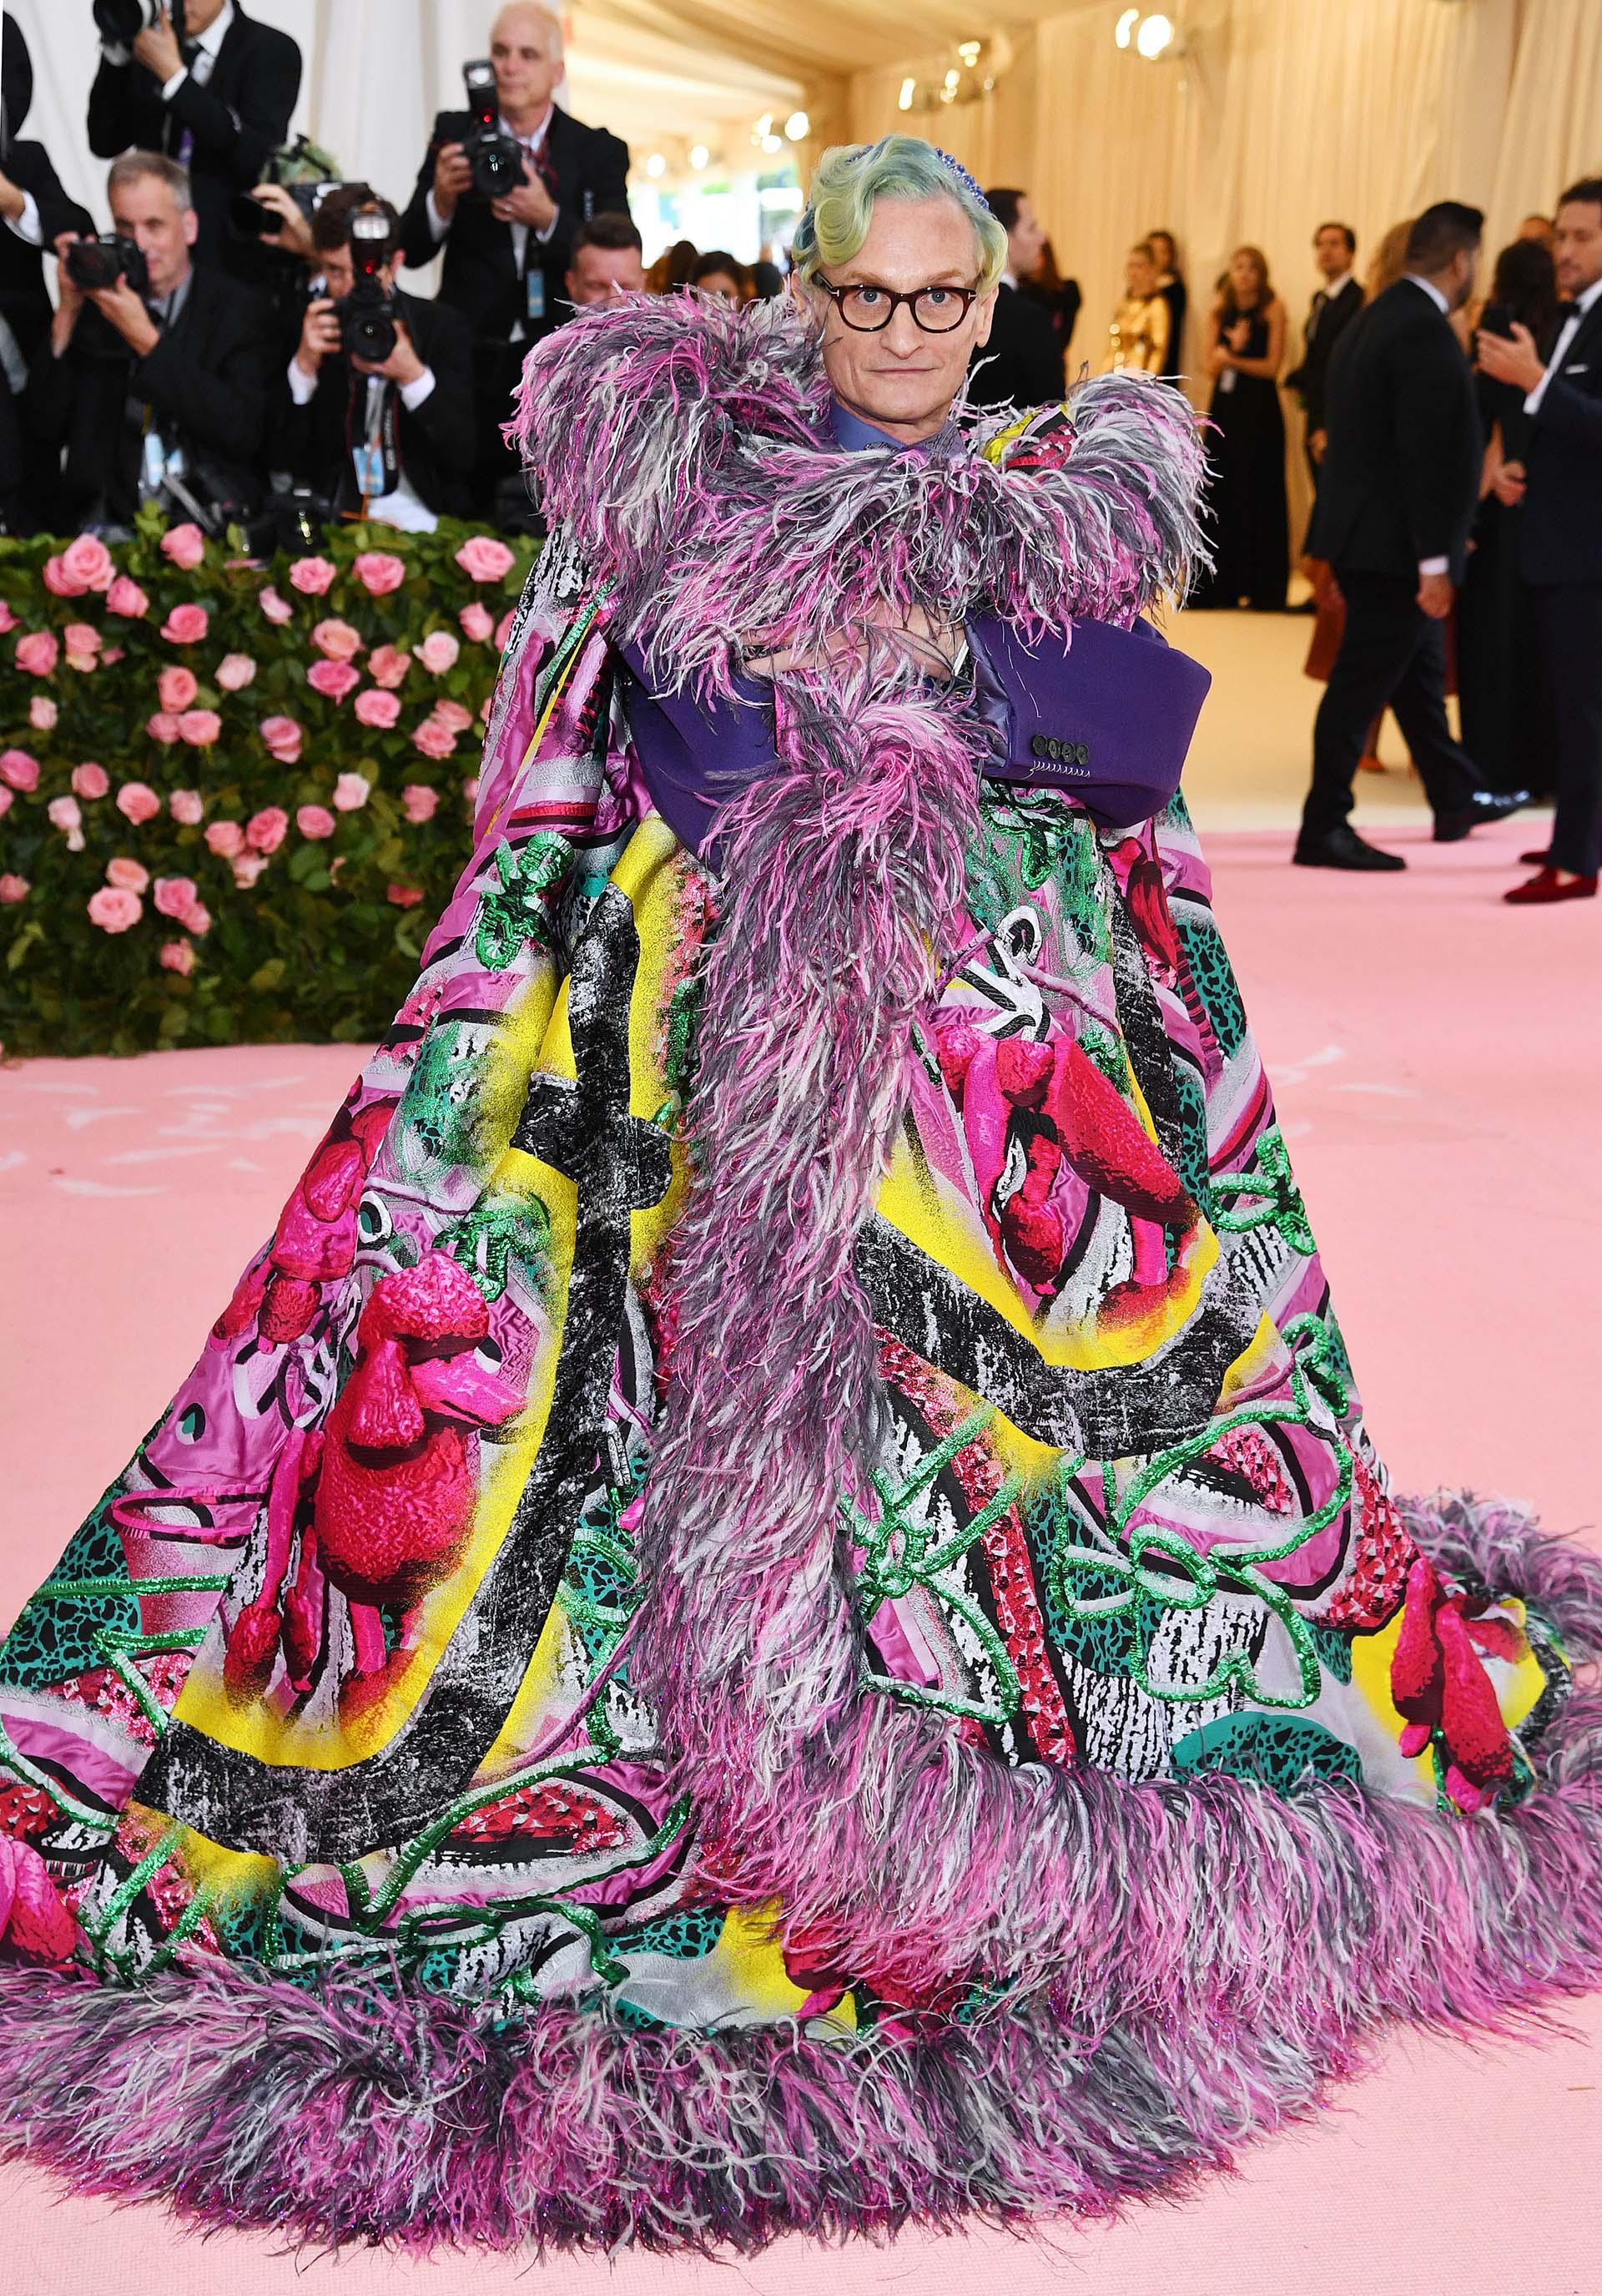 Hamish Bowles, uno de los editores de Vogue, sorprendió con una colorida capa de Maison Margiela adornada con plumas, un traje violeta y el cabello teñido de turquesa, verde y amarillo